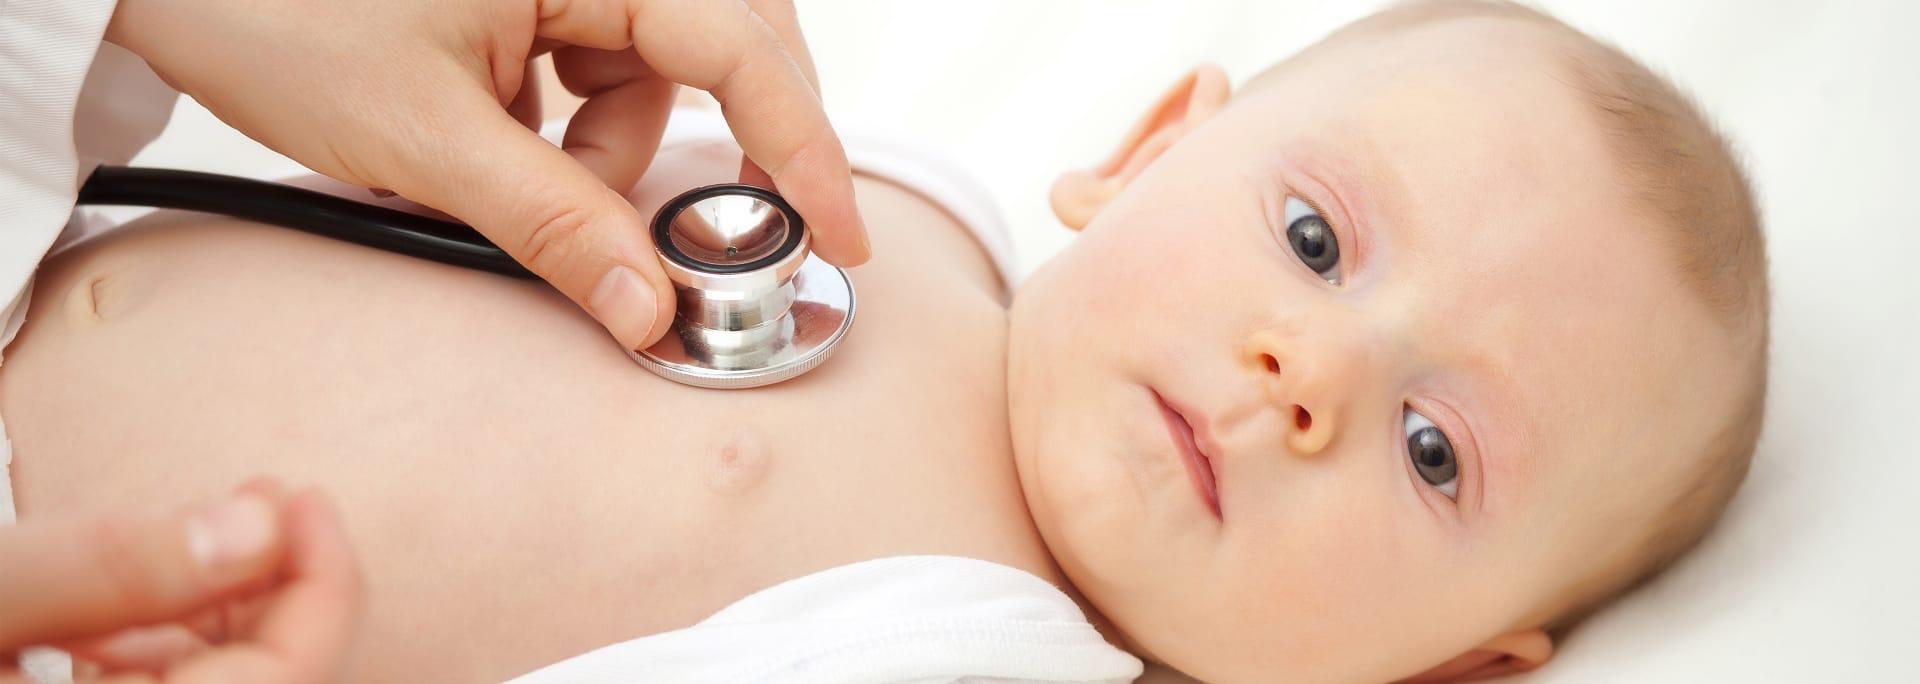 primeras visitas al pediatra